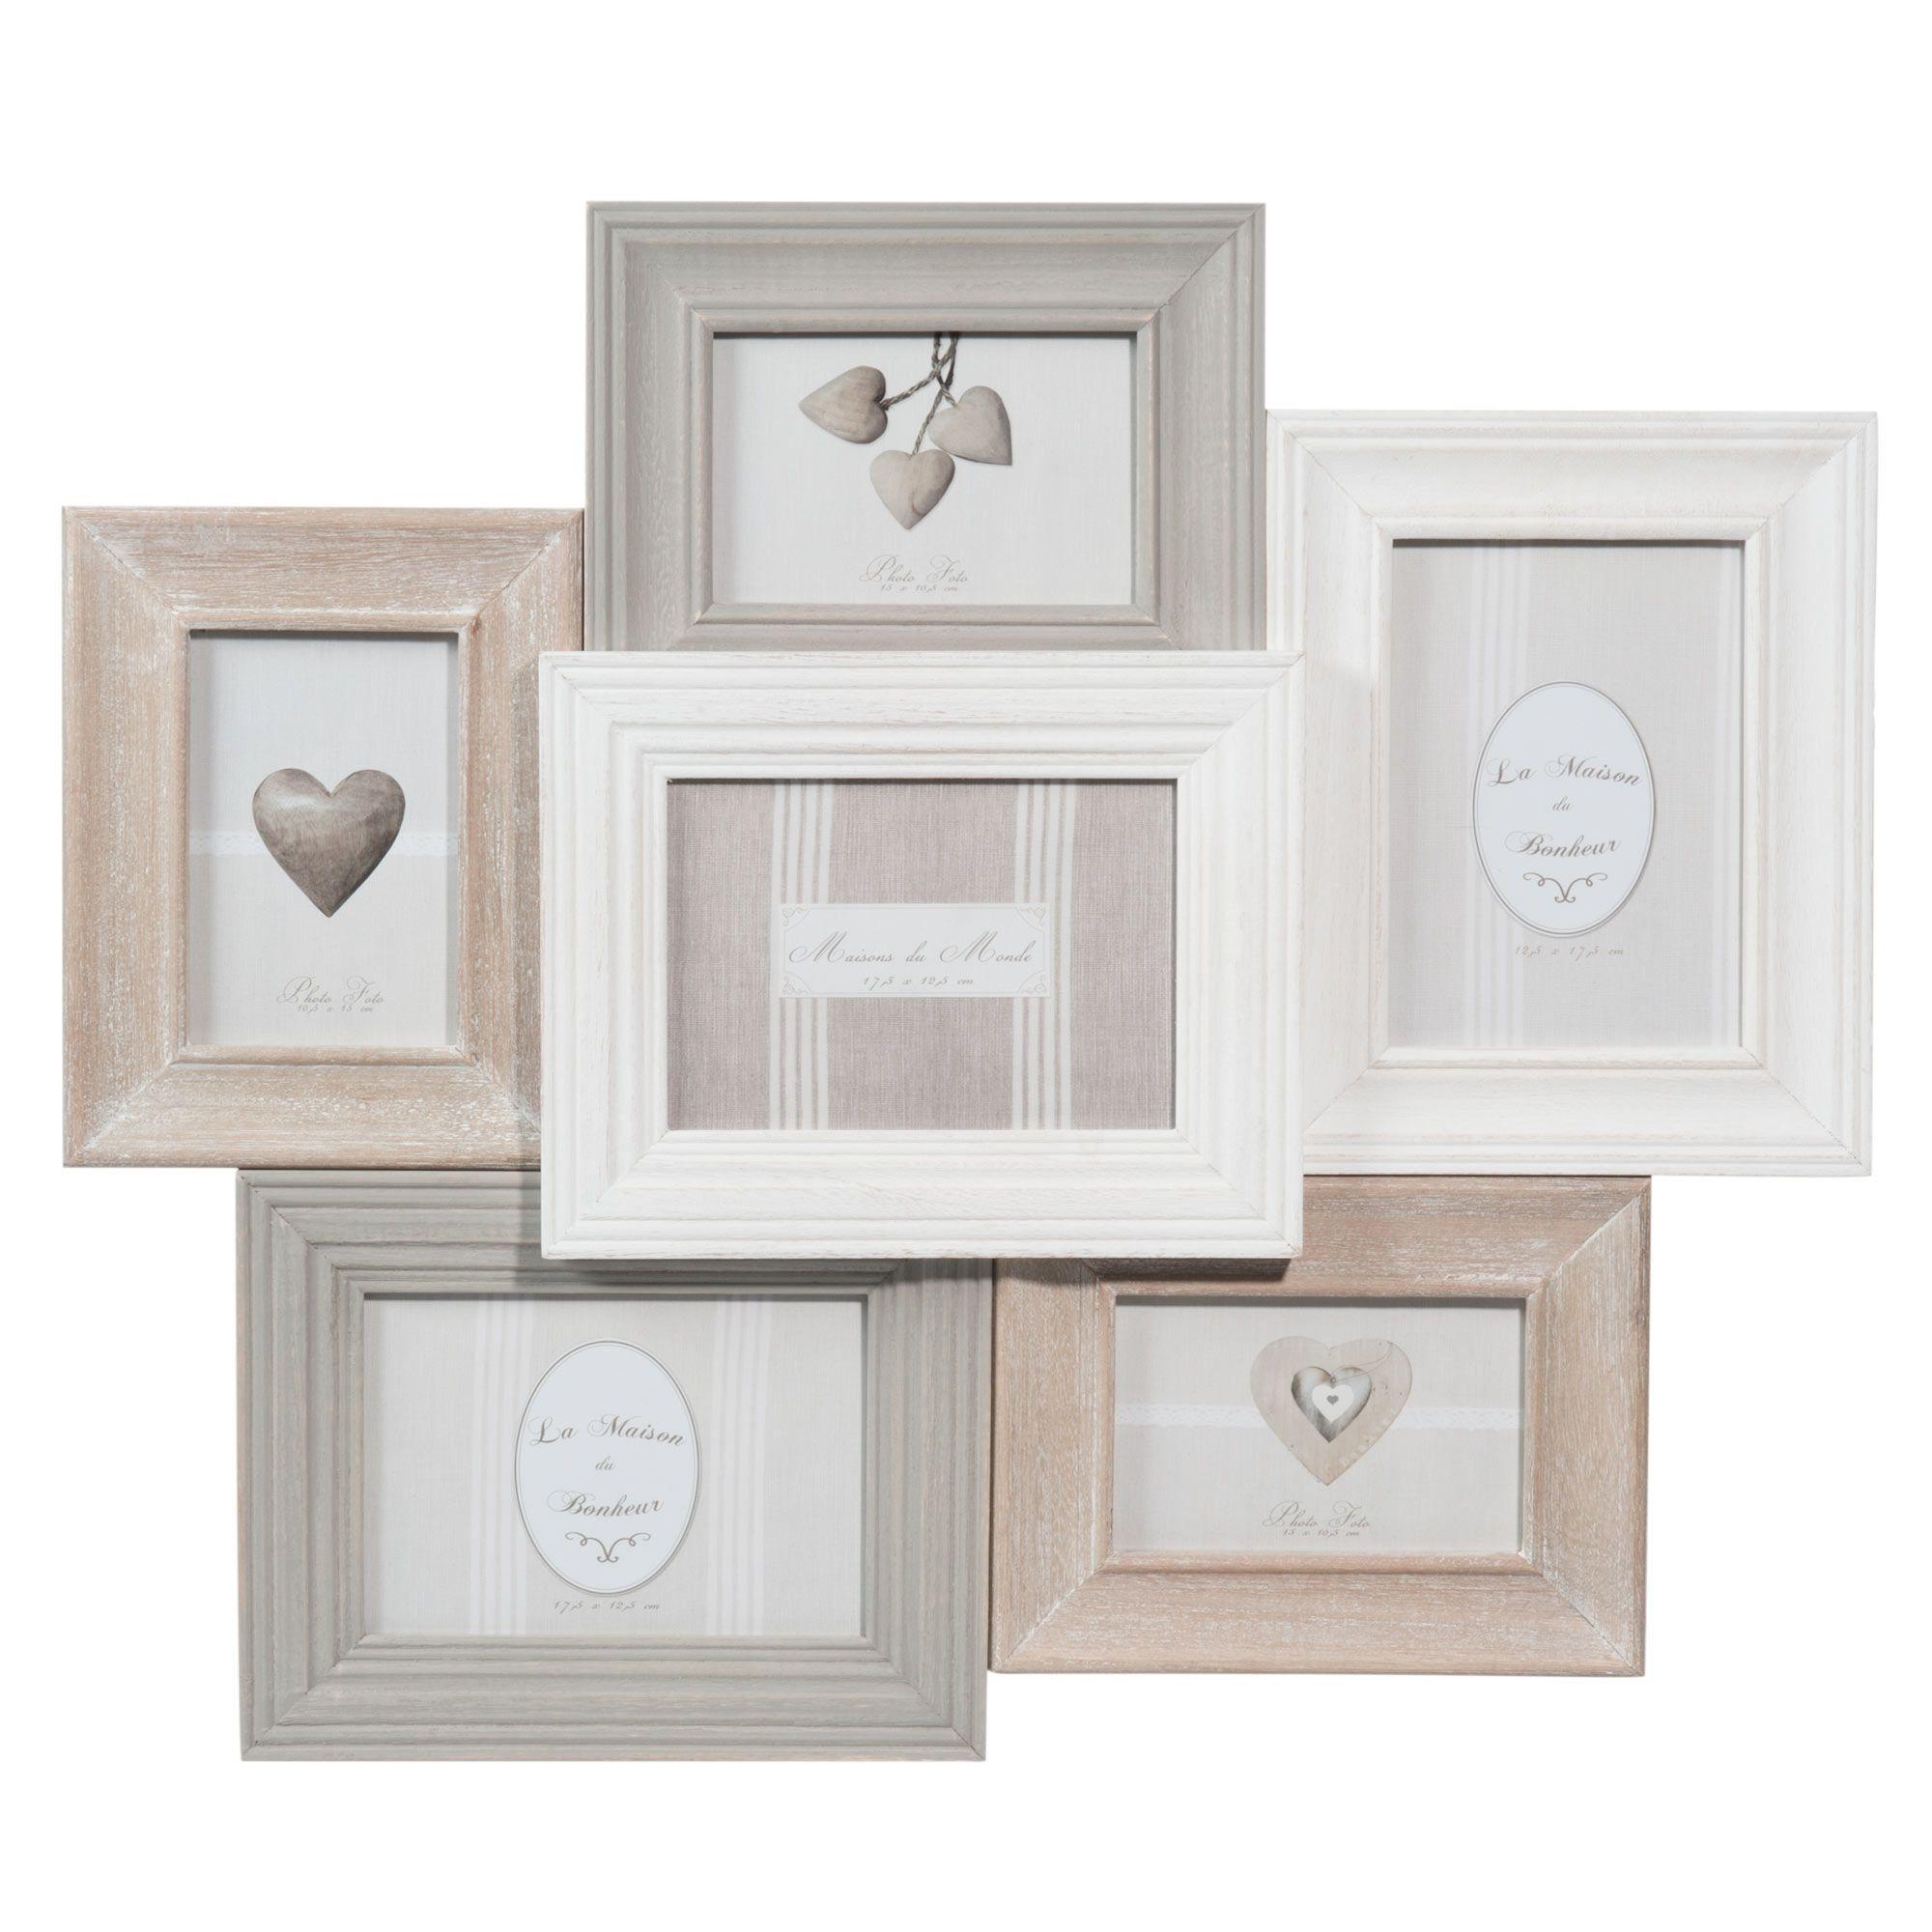 6-fach-Bilderrahmen CANTINE aus Holz, 53 x 60 cm Jetzt bestellen ...